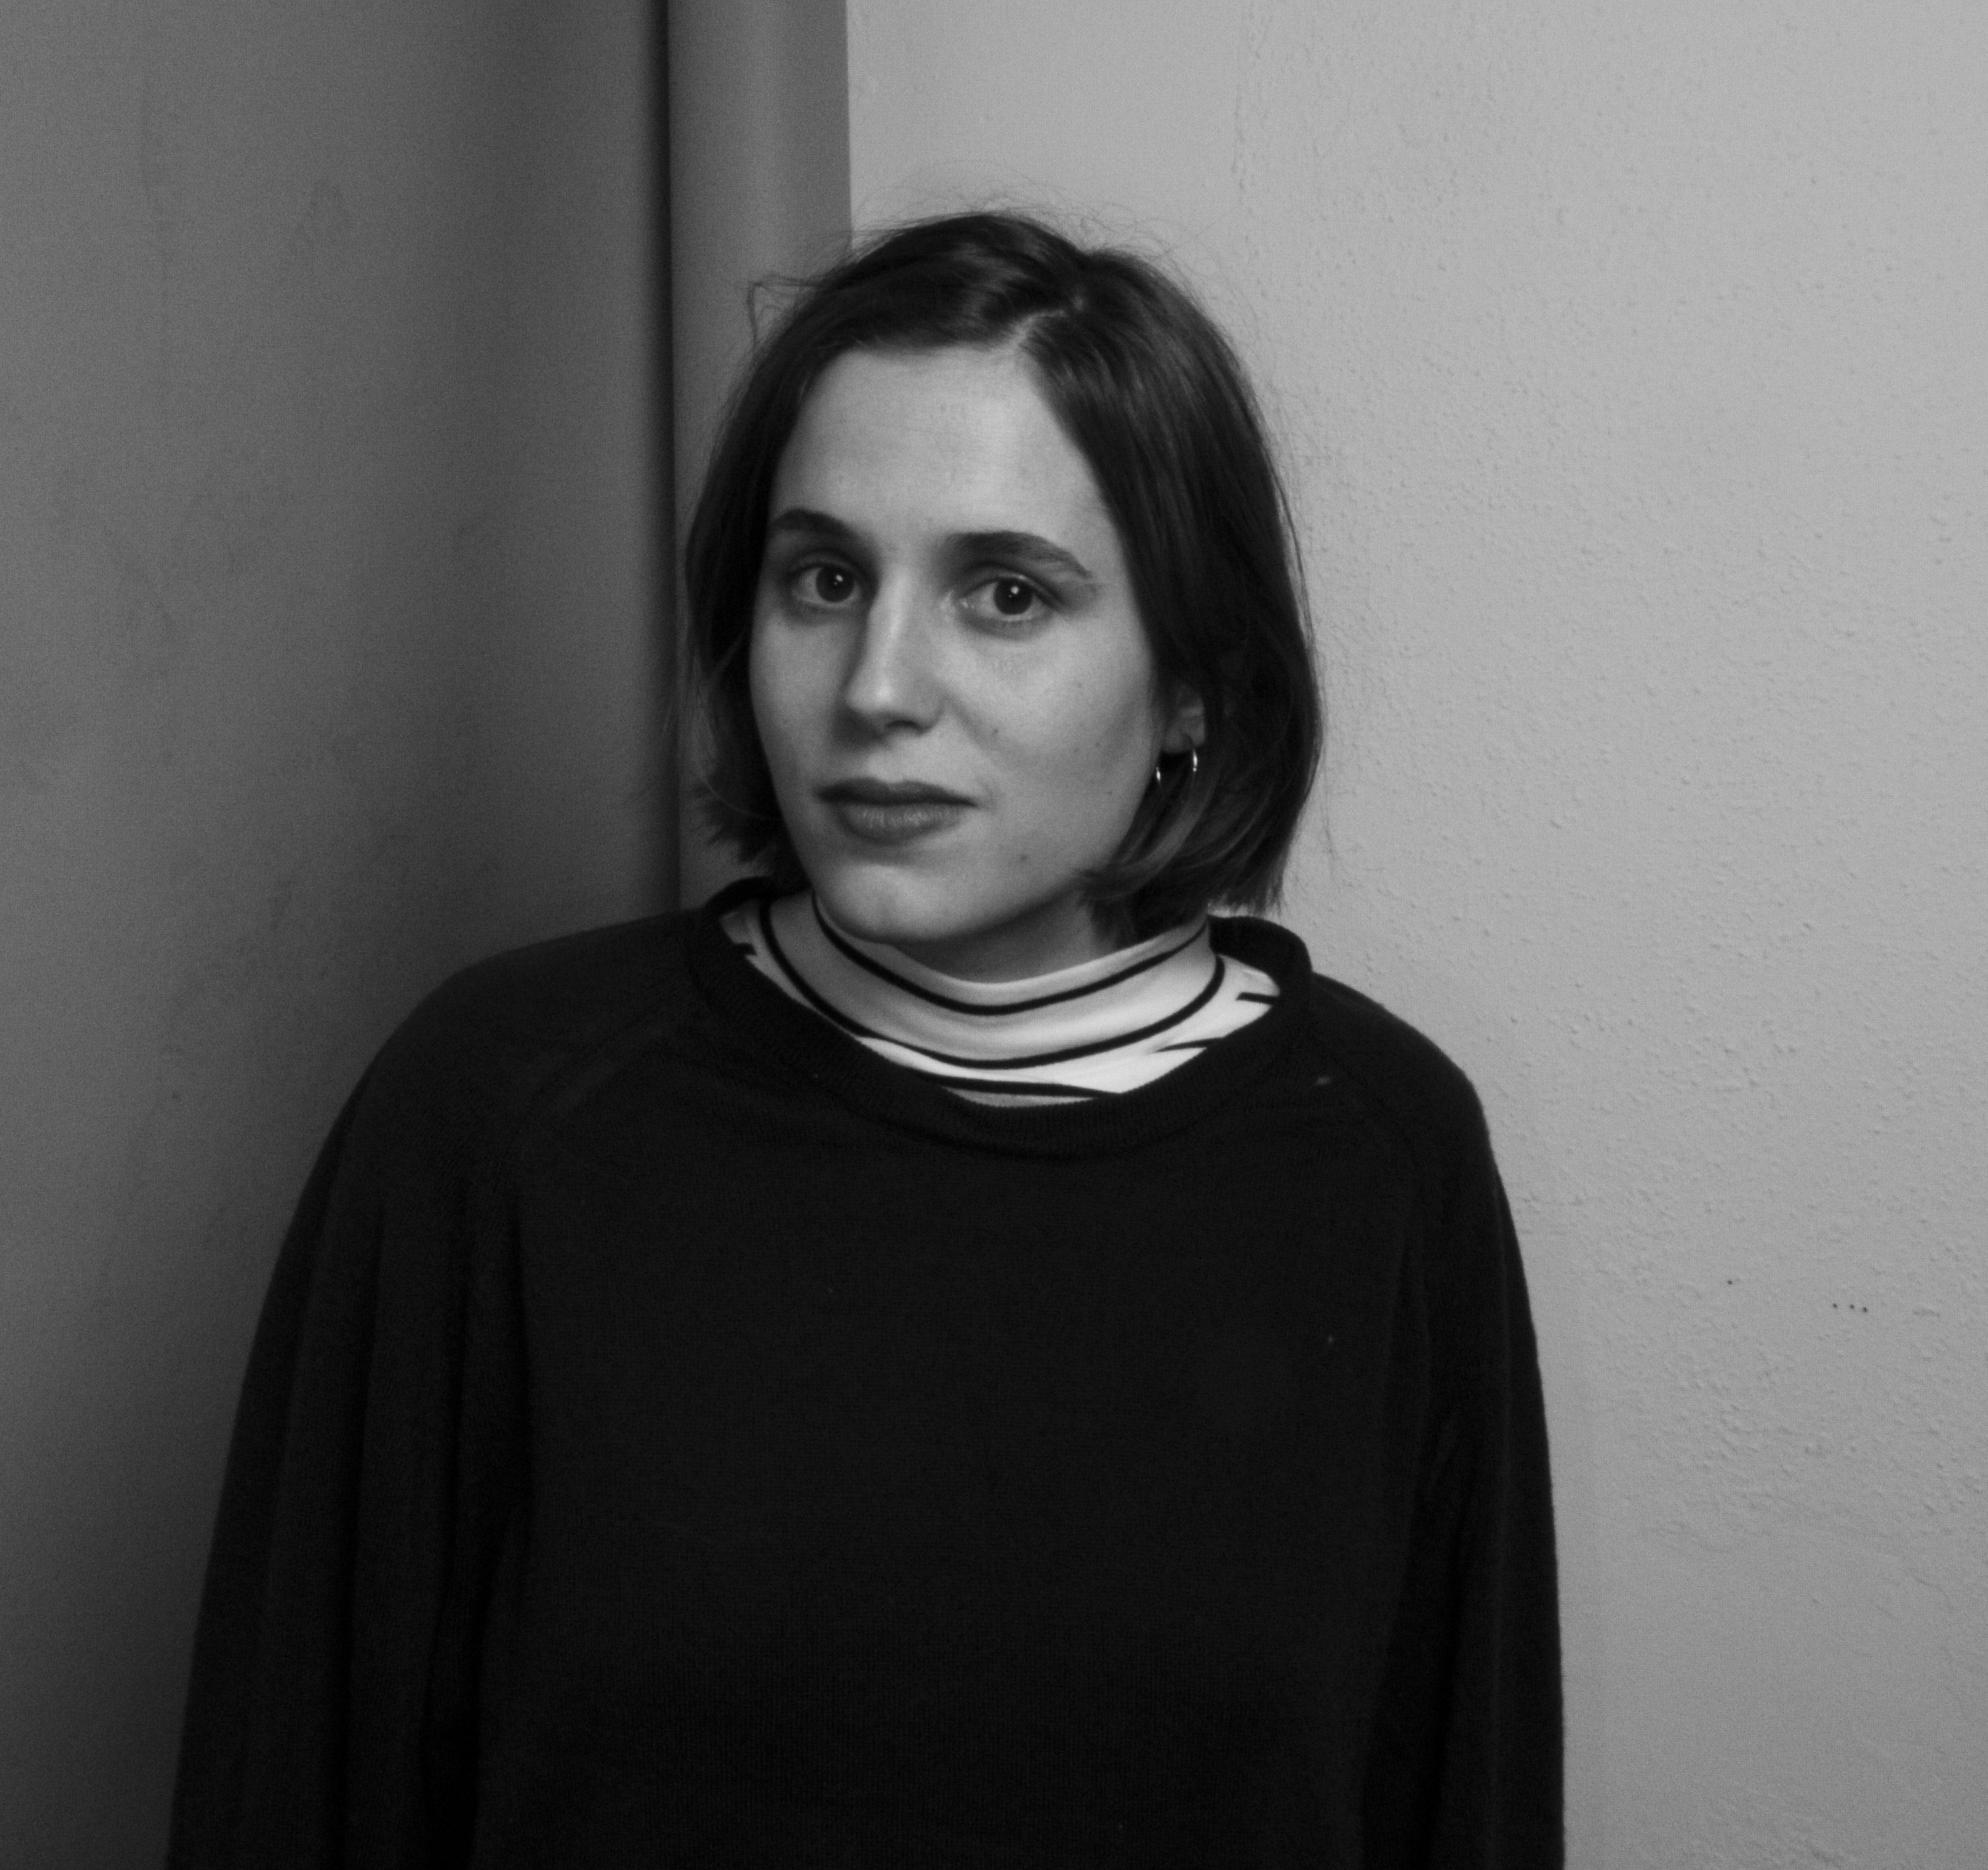 Myriam Ziehli